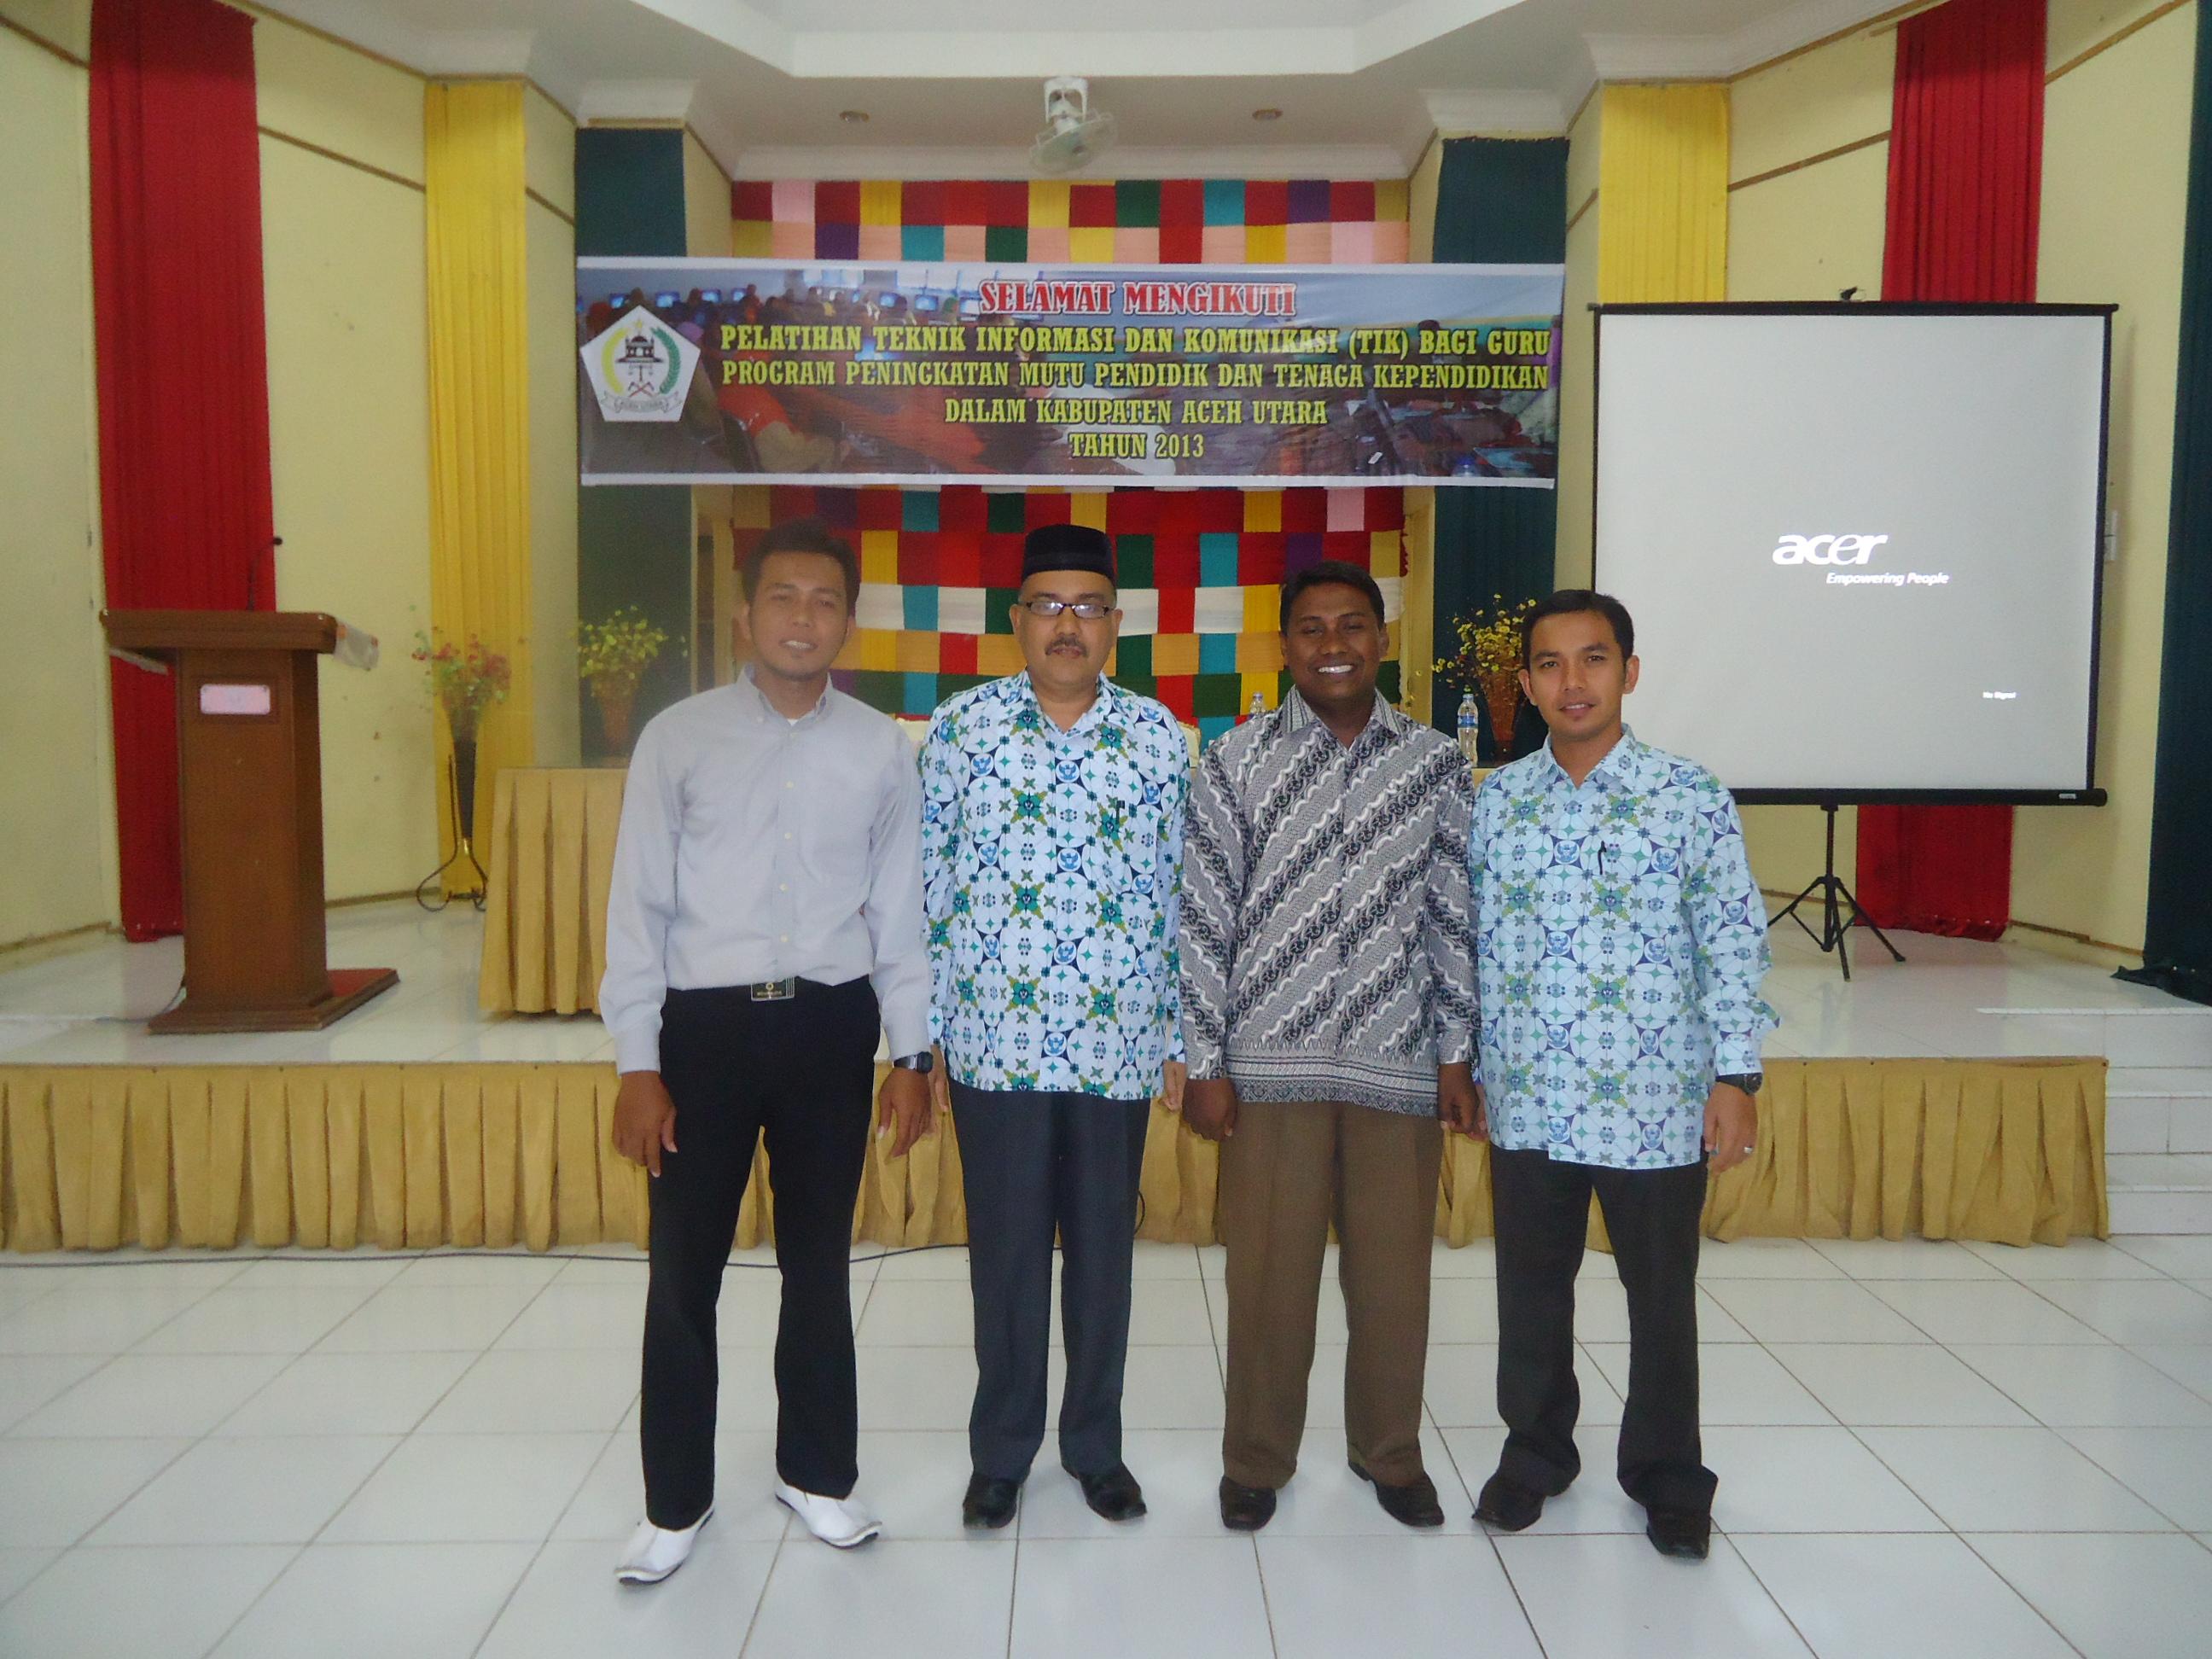 Beasiswa Mpd Aceh Utara 2013 Cambridge English Indonesia Sukses Conversation Dengan Cekgukus Blog Belajar Dan Mengajar Terussss Halaman 2